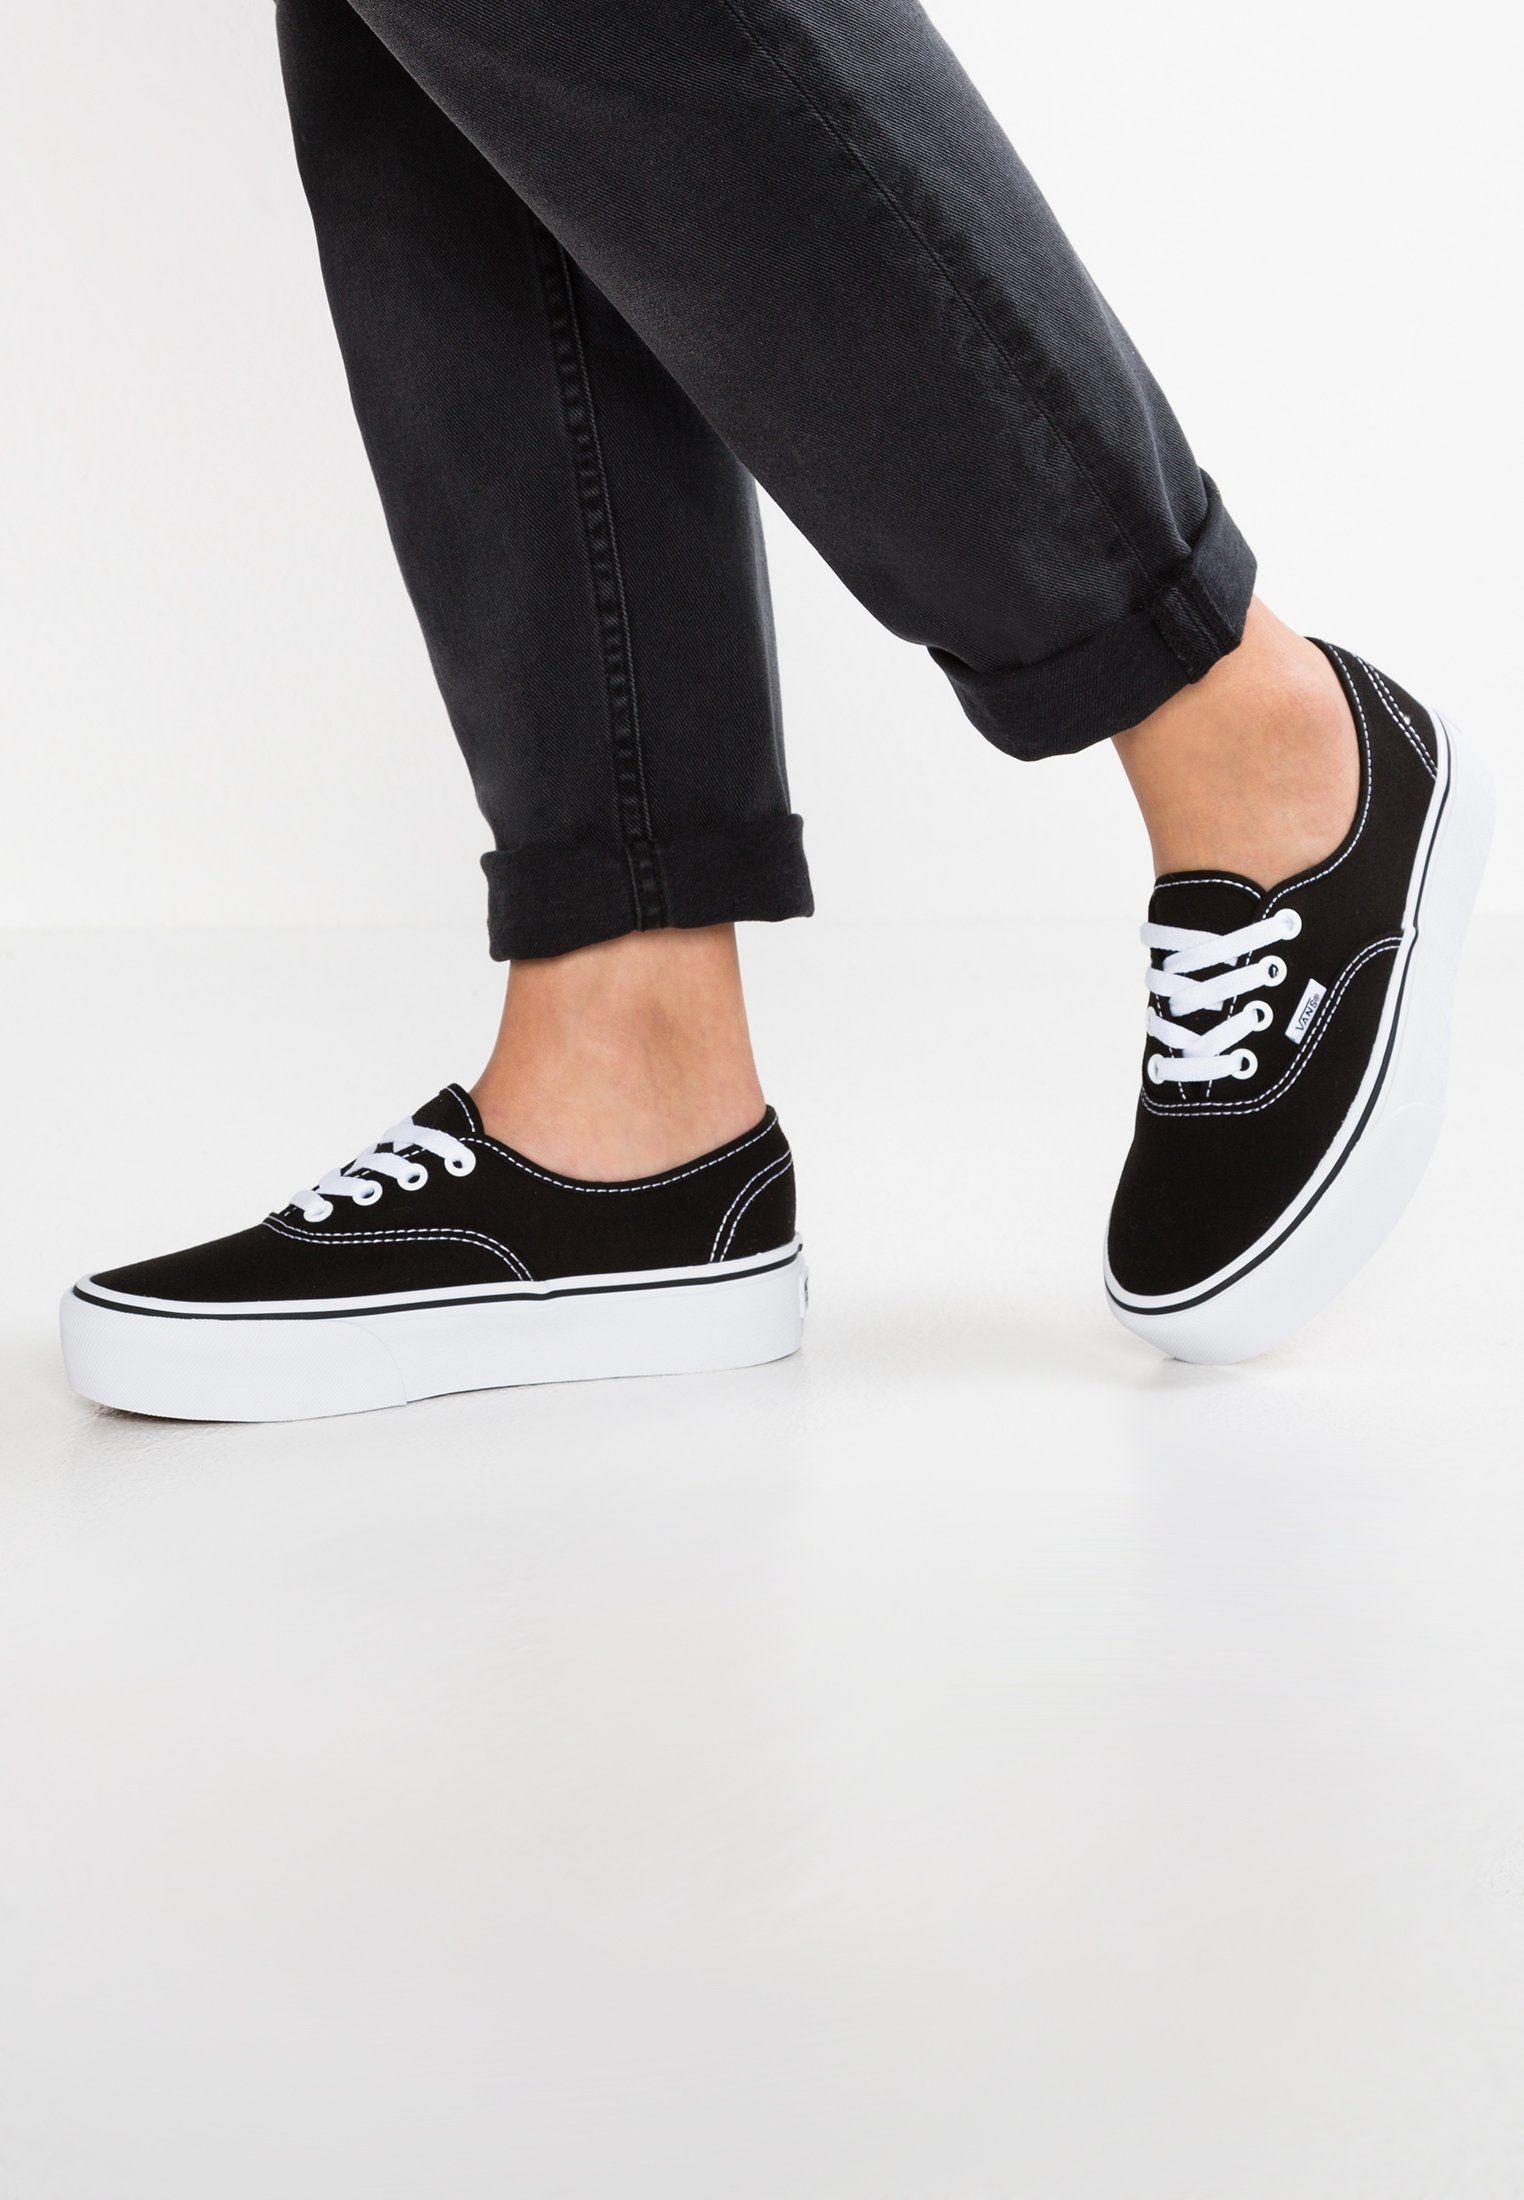 Authentic Platform 2.0 Shoes